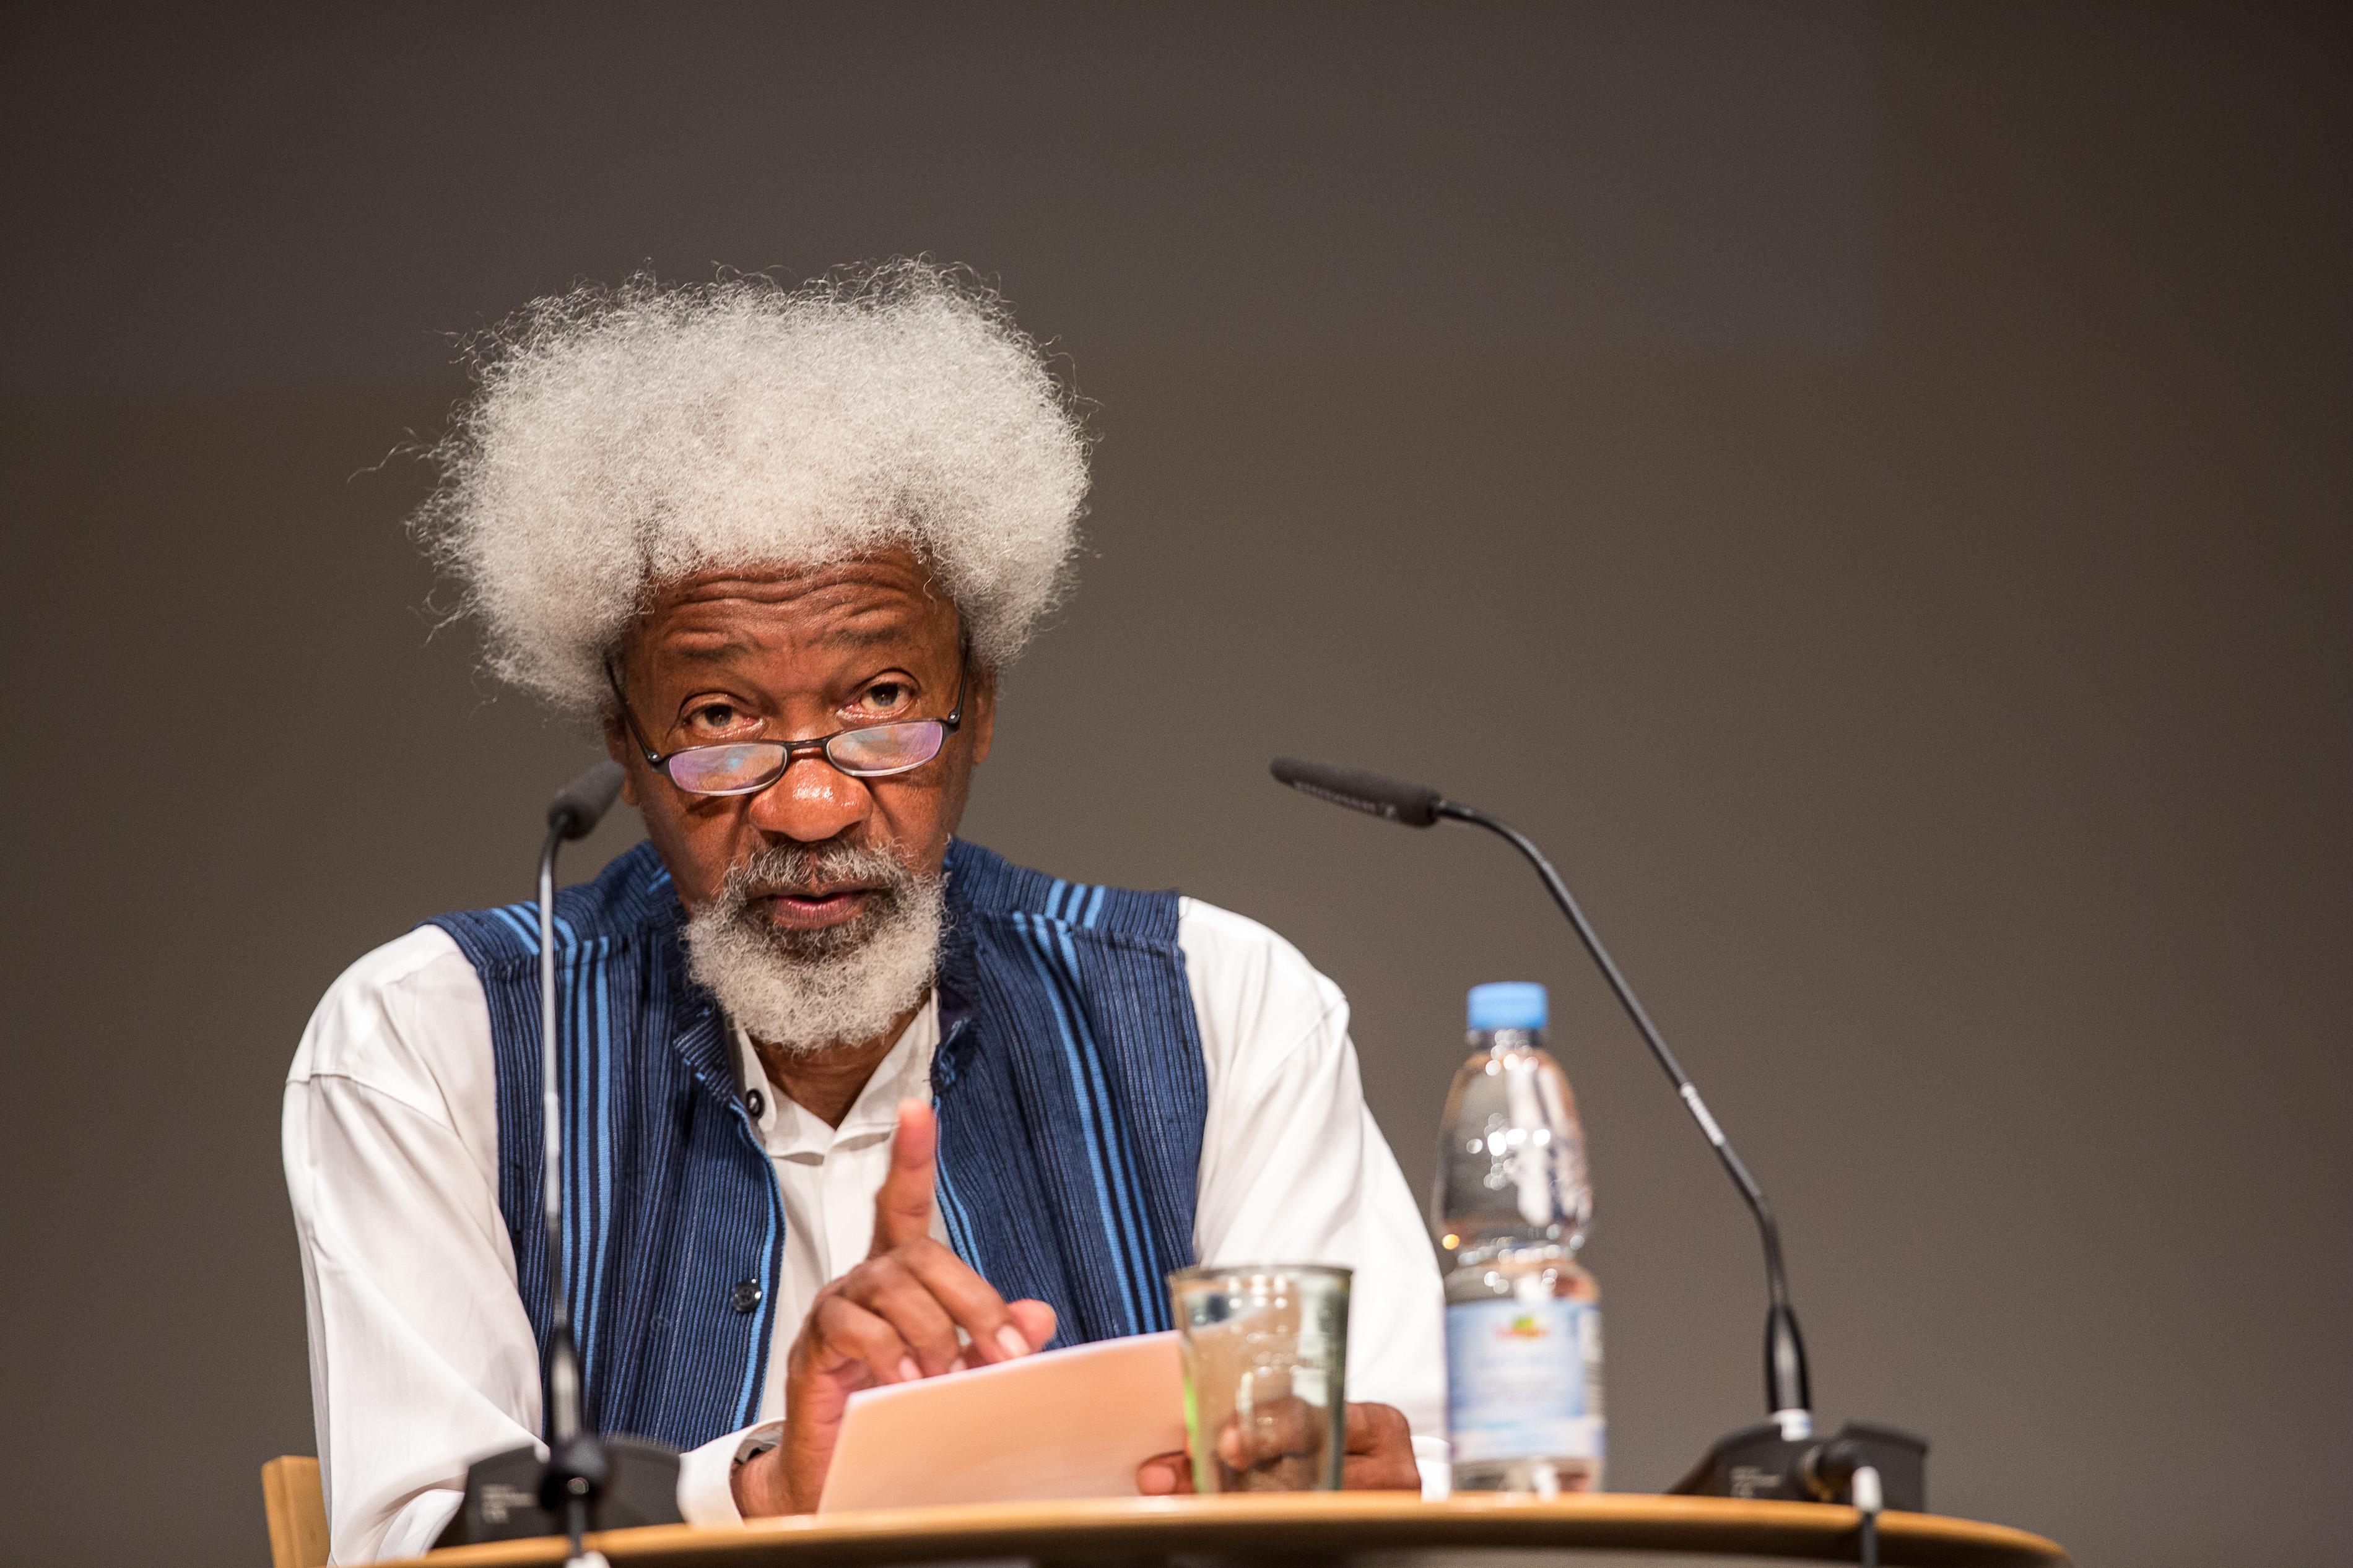 Image: Ch. Flemming/Lindau Nobel Laureate Meeting